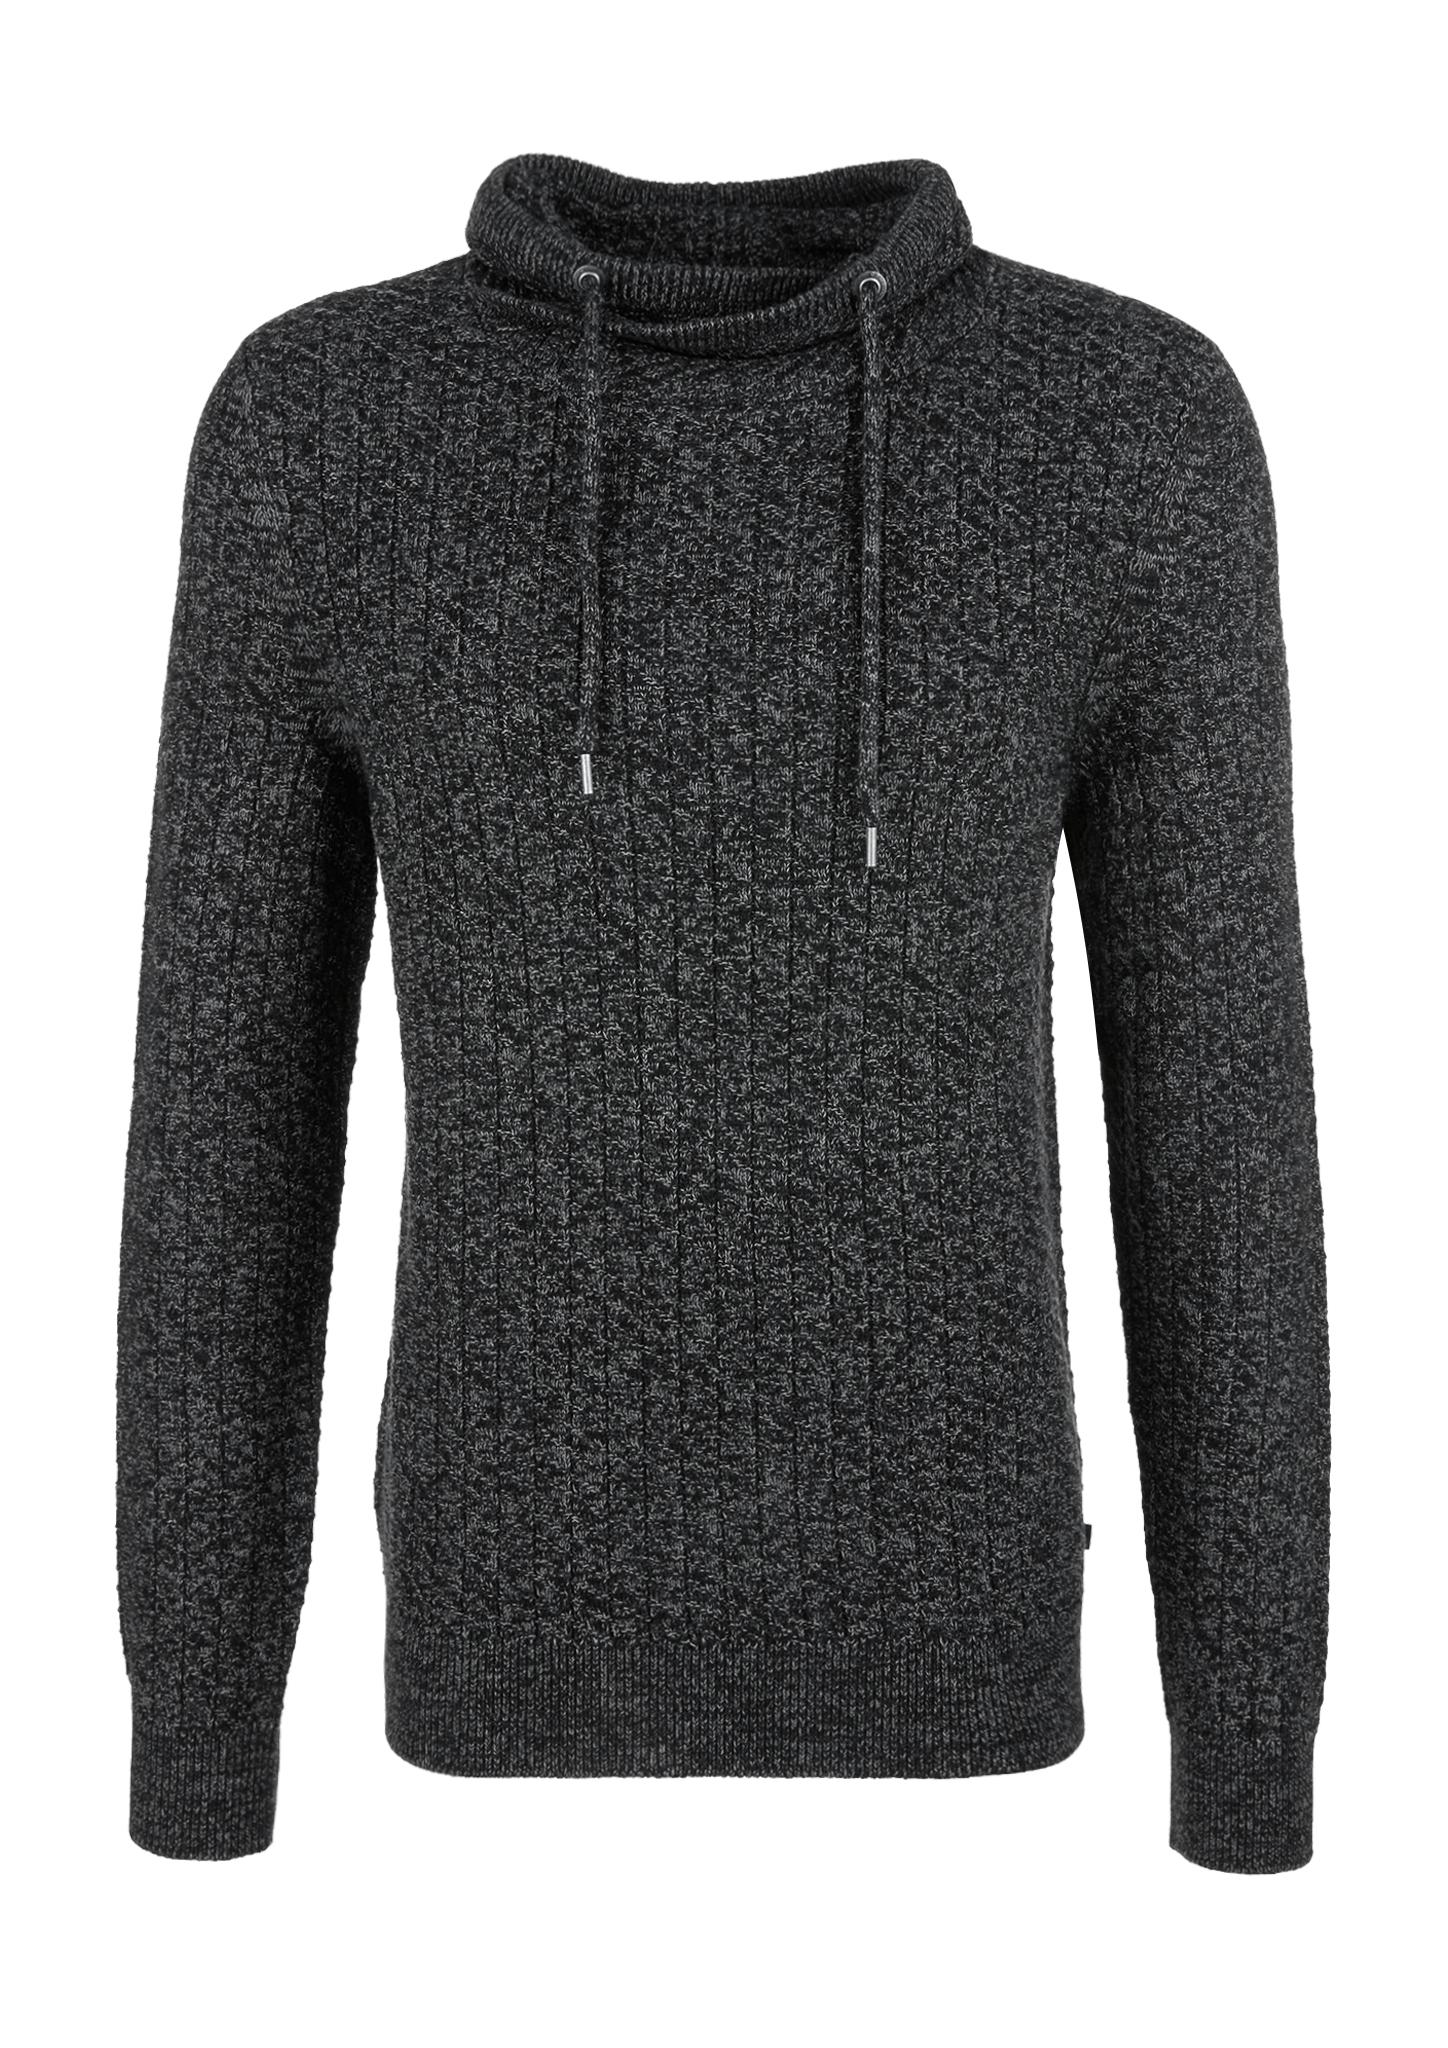 Pullover | Bekleidung > Pullover > Sonstige Pullover | Schwarz | 52% polyacryl -  48% baumwolle | Q/S designed by